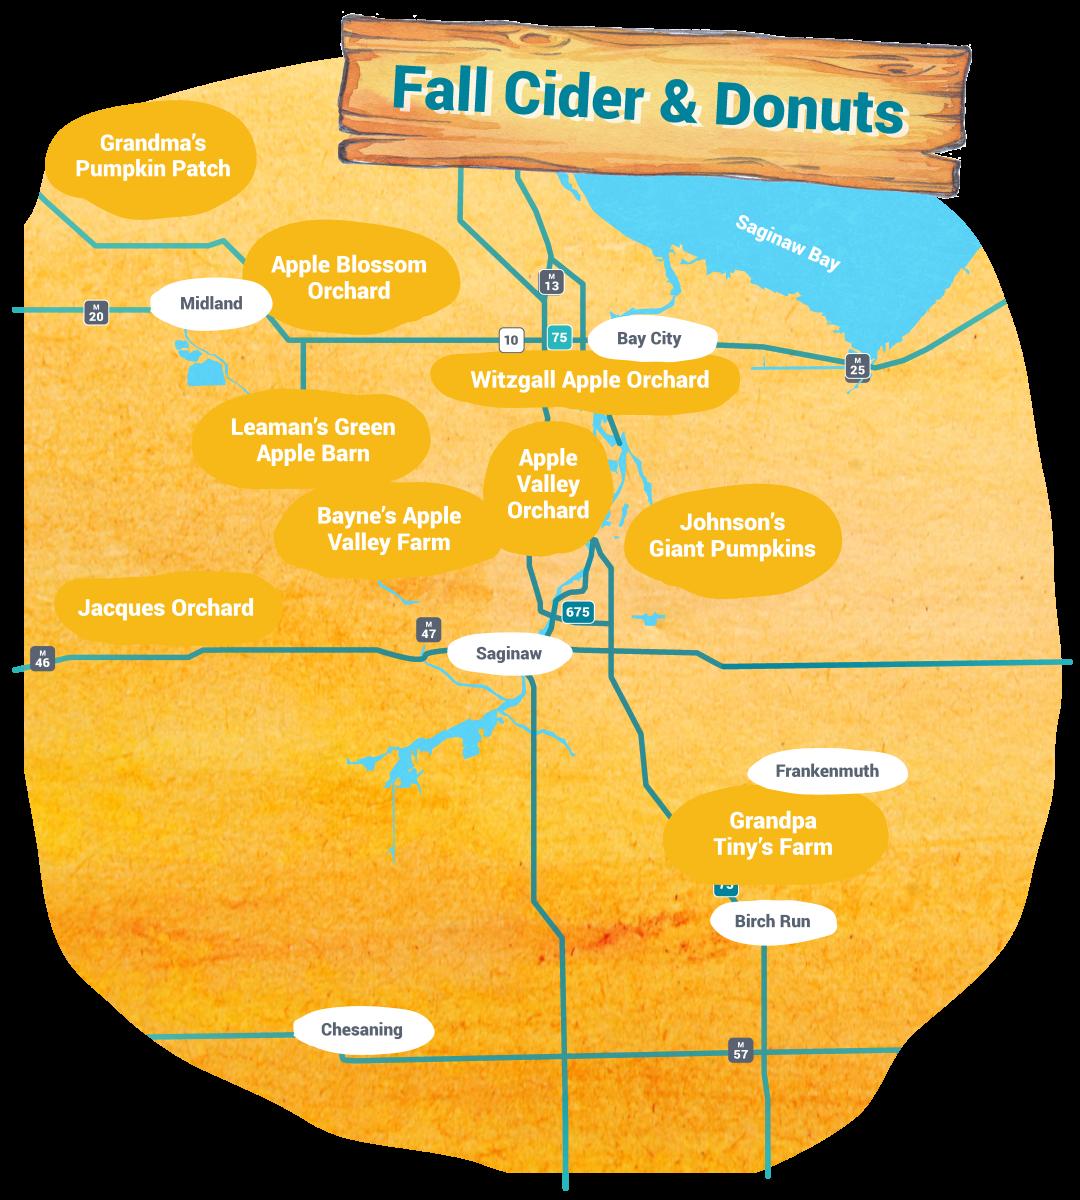 自助旅游-秋季苹果酒和甜甜圈地图